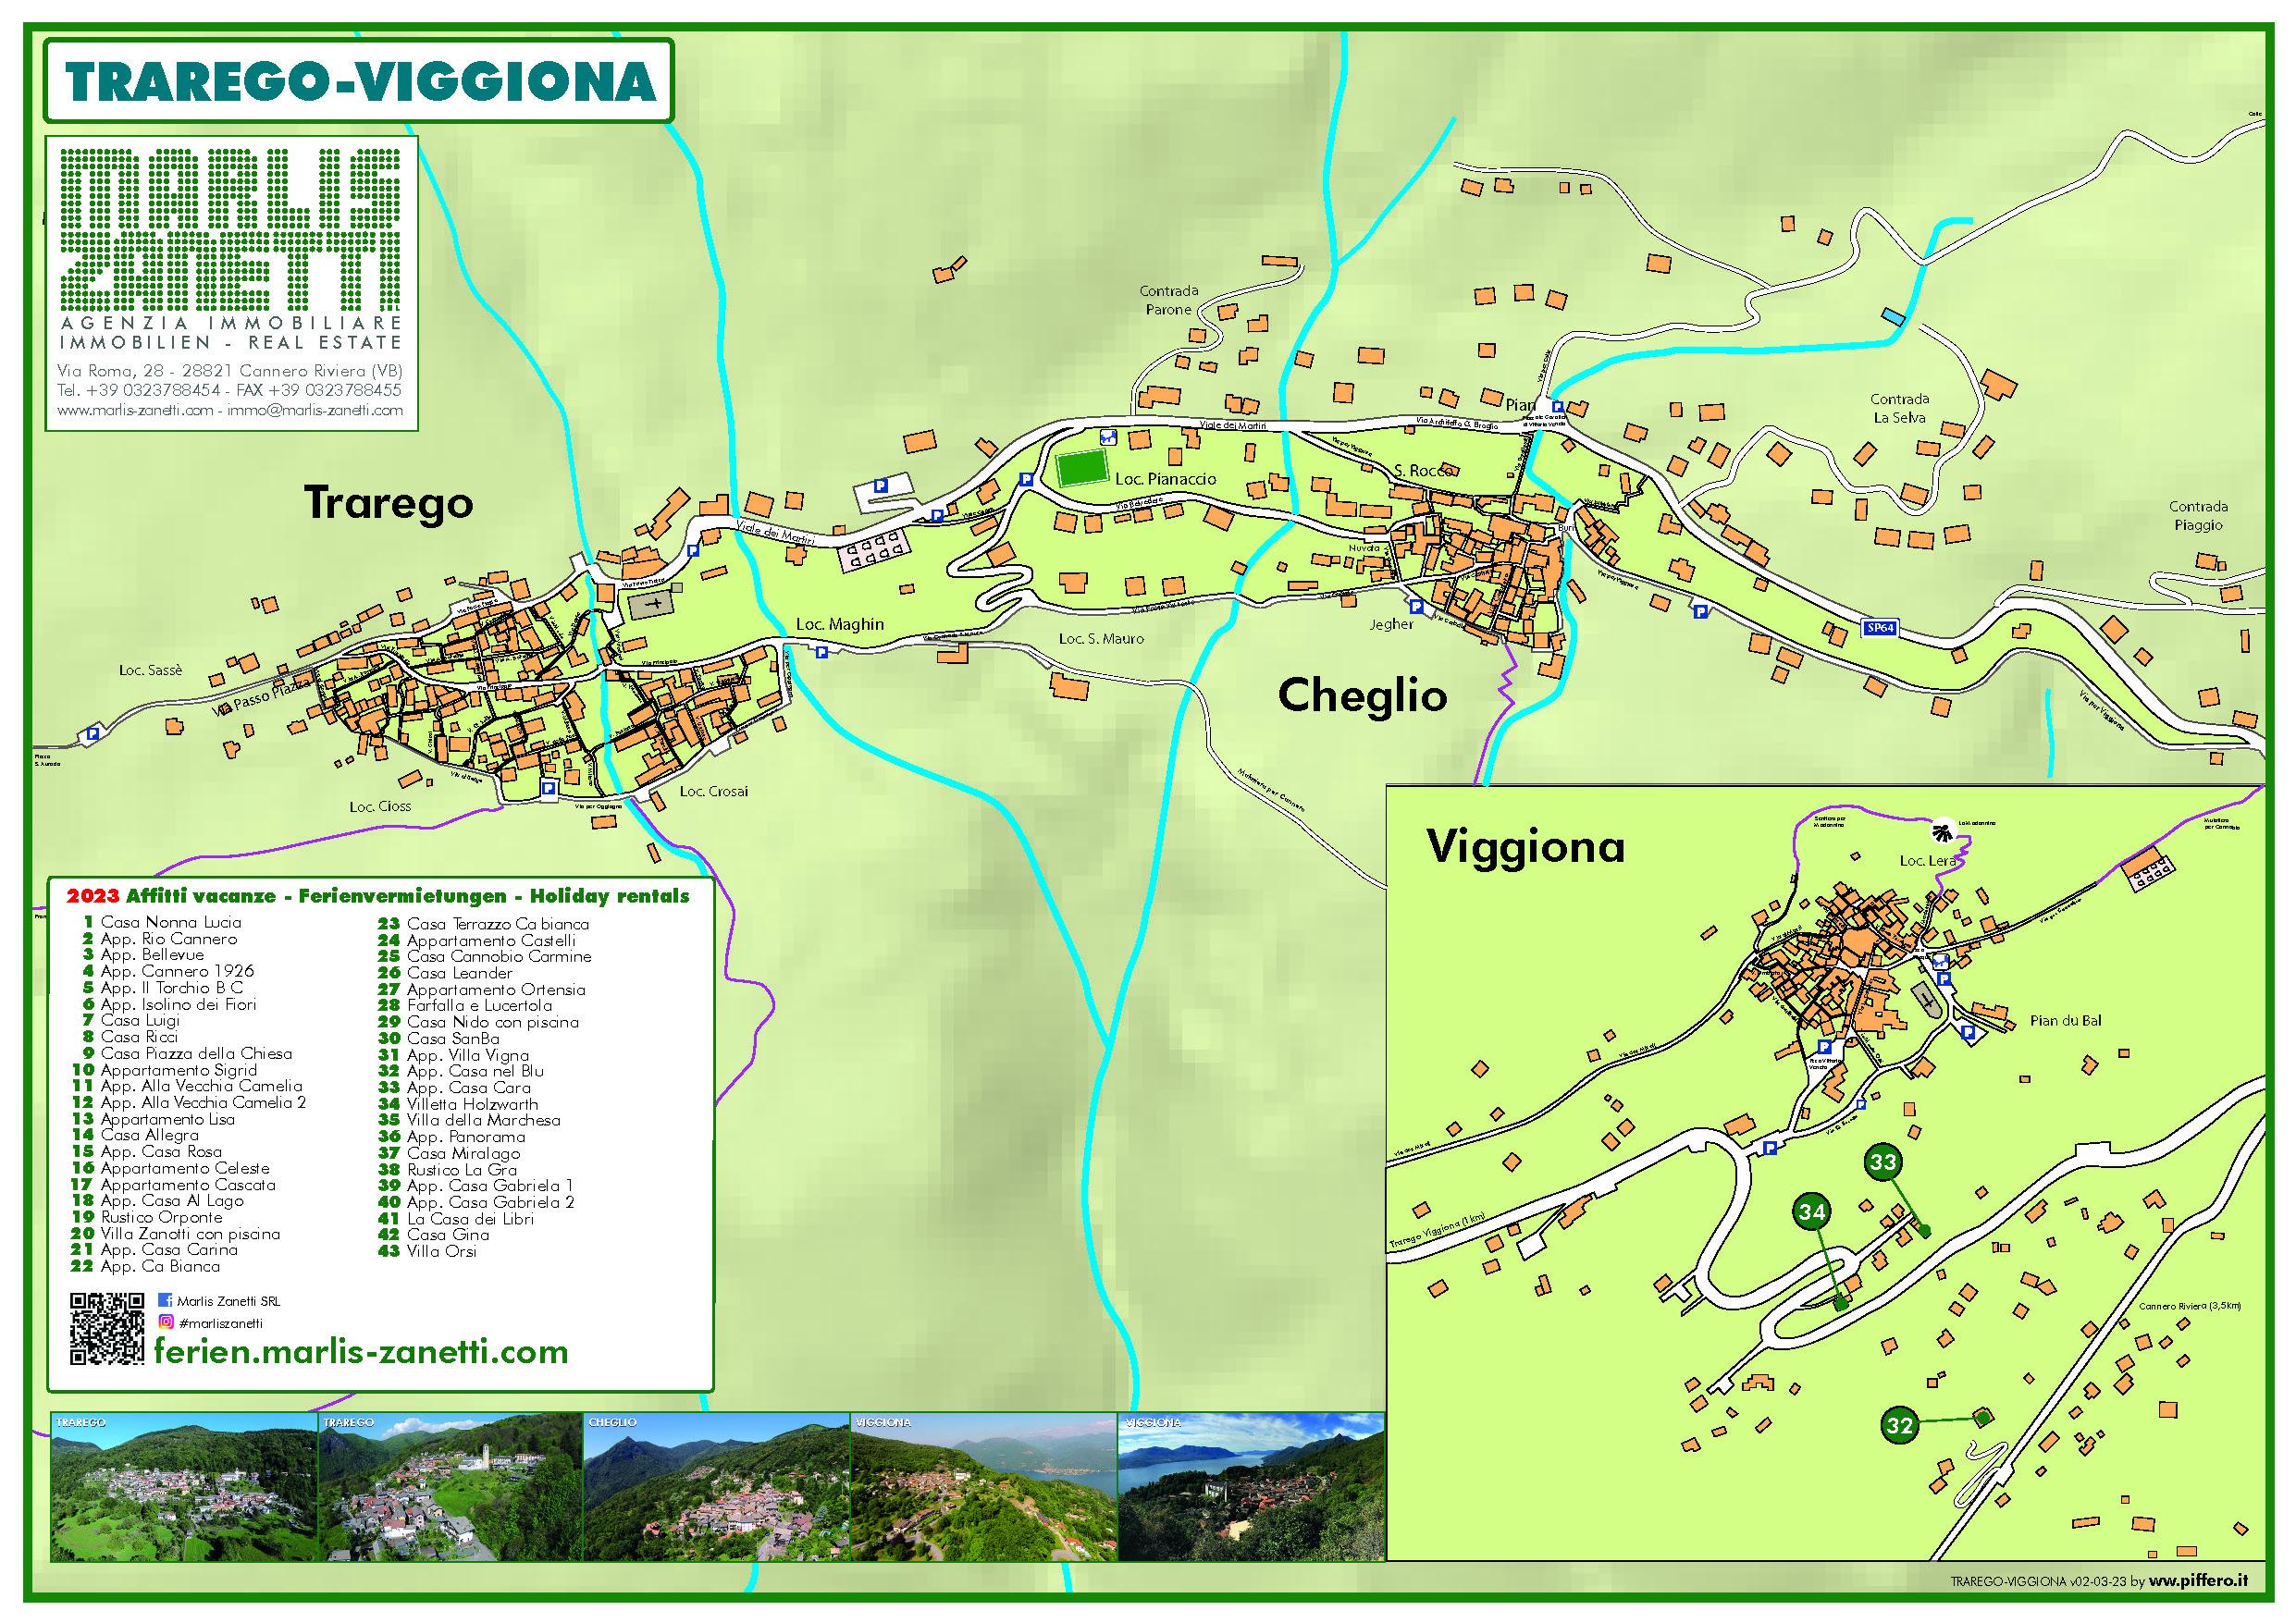 Map Trarego Viggiona